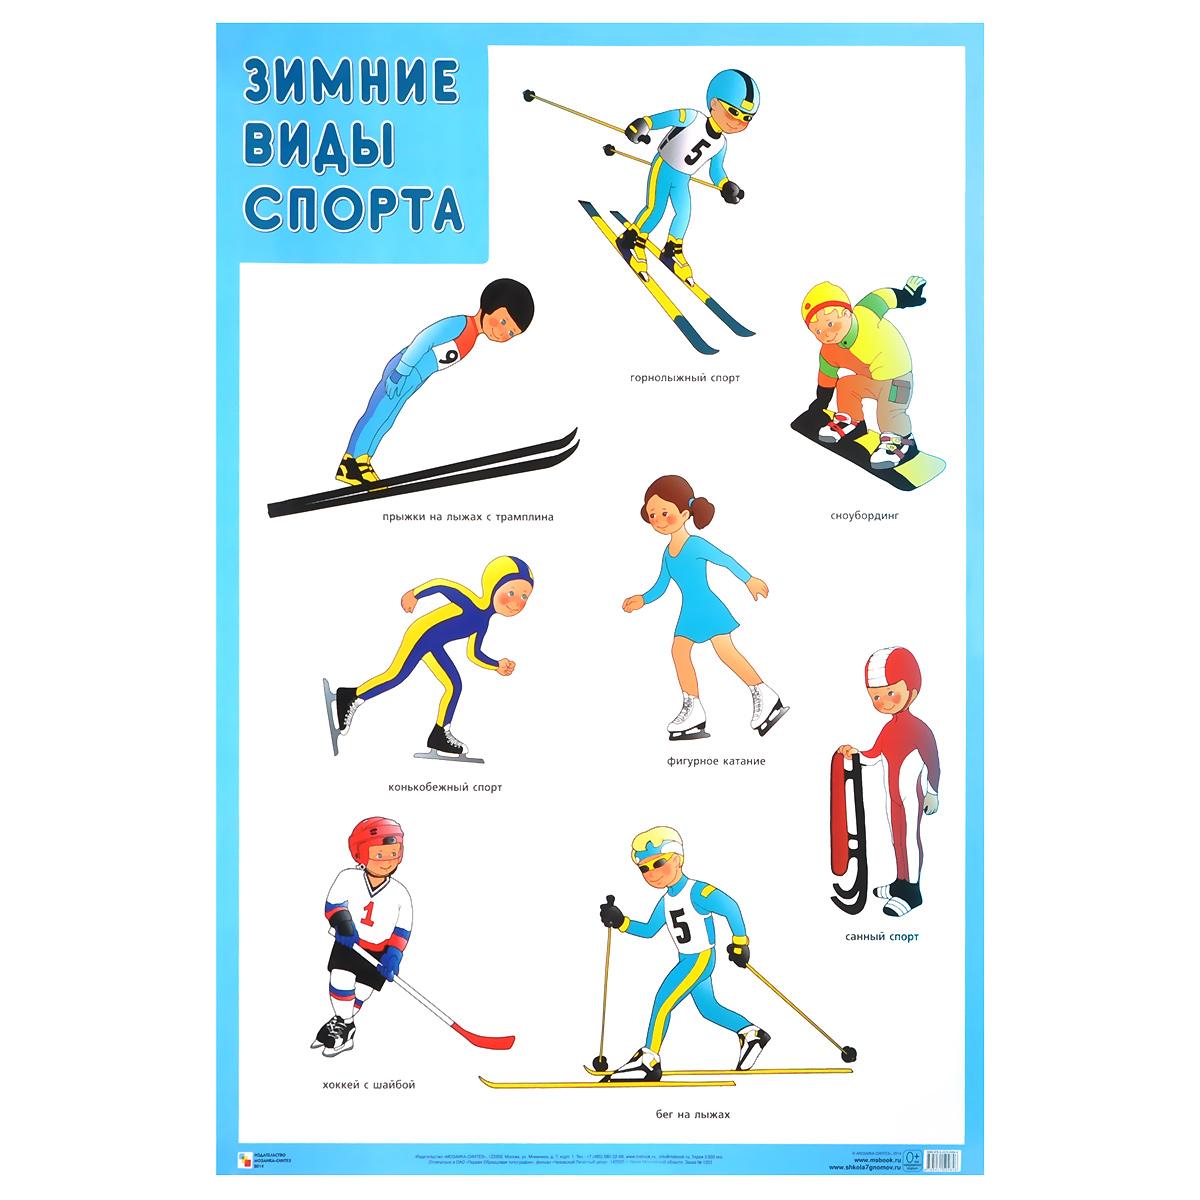 Зимние виды спорта. Плакат